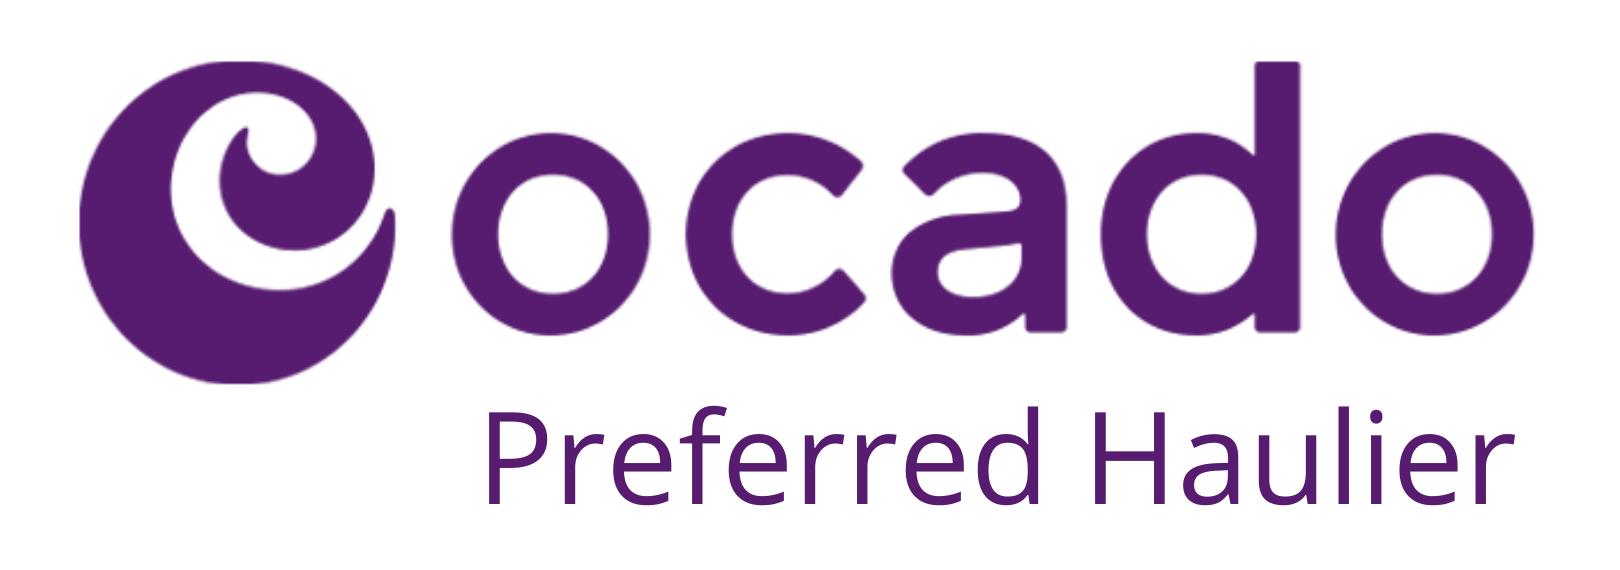 Ocado's preferred haulier